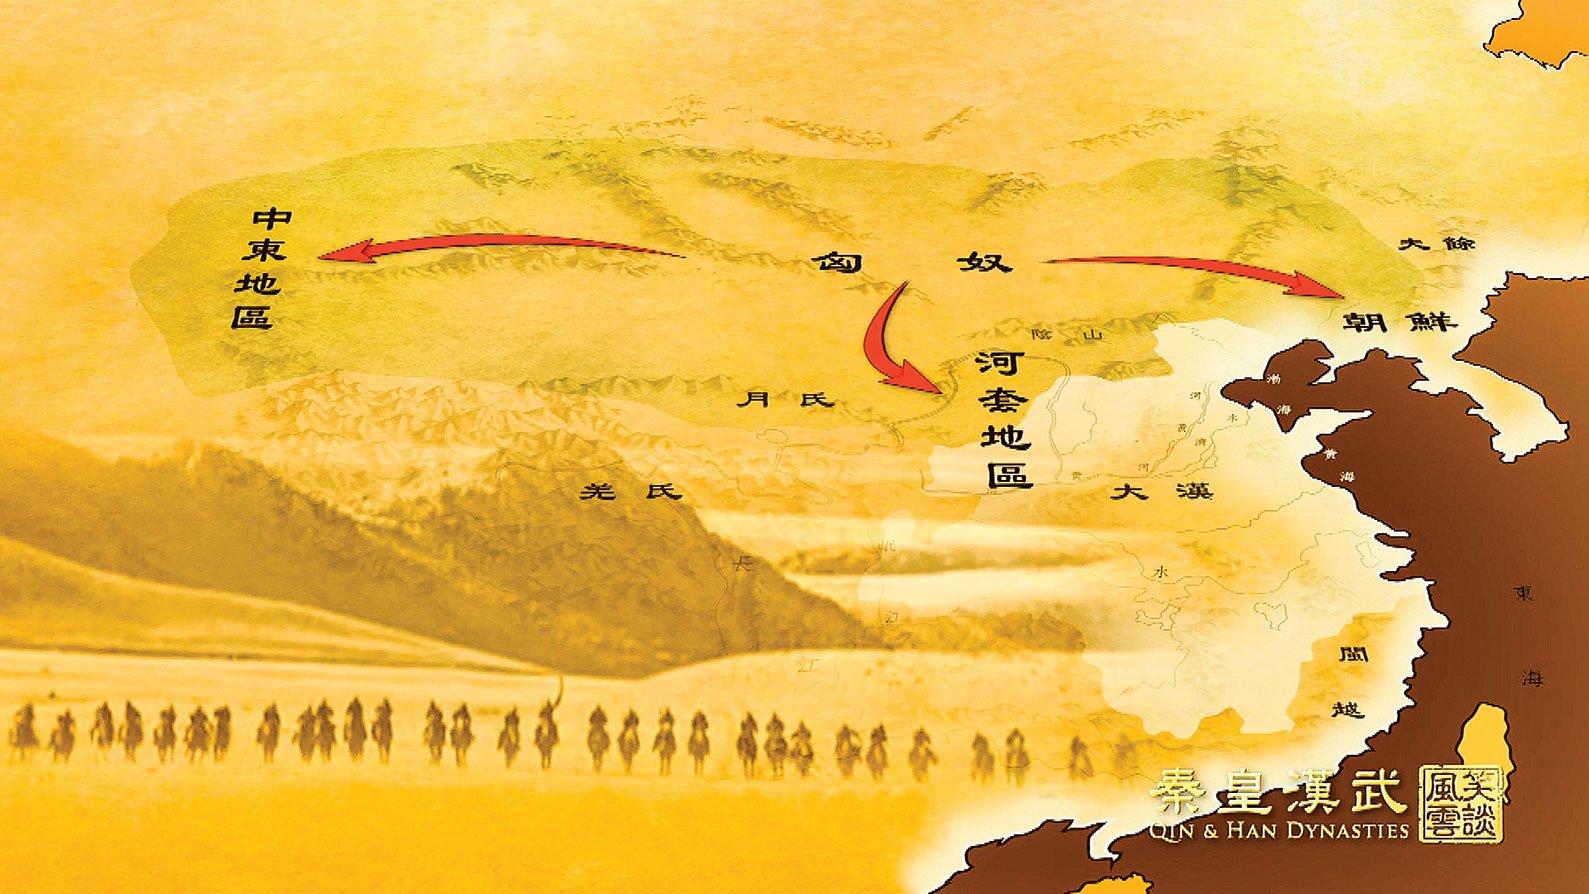 冒頓單於統一了現在的蒙古草原,建立了強大的匈奴帝國,疆域十分廣闊,是匈奴帝國史上最強大的時期。